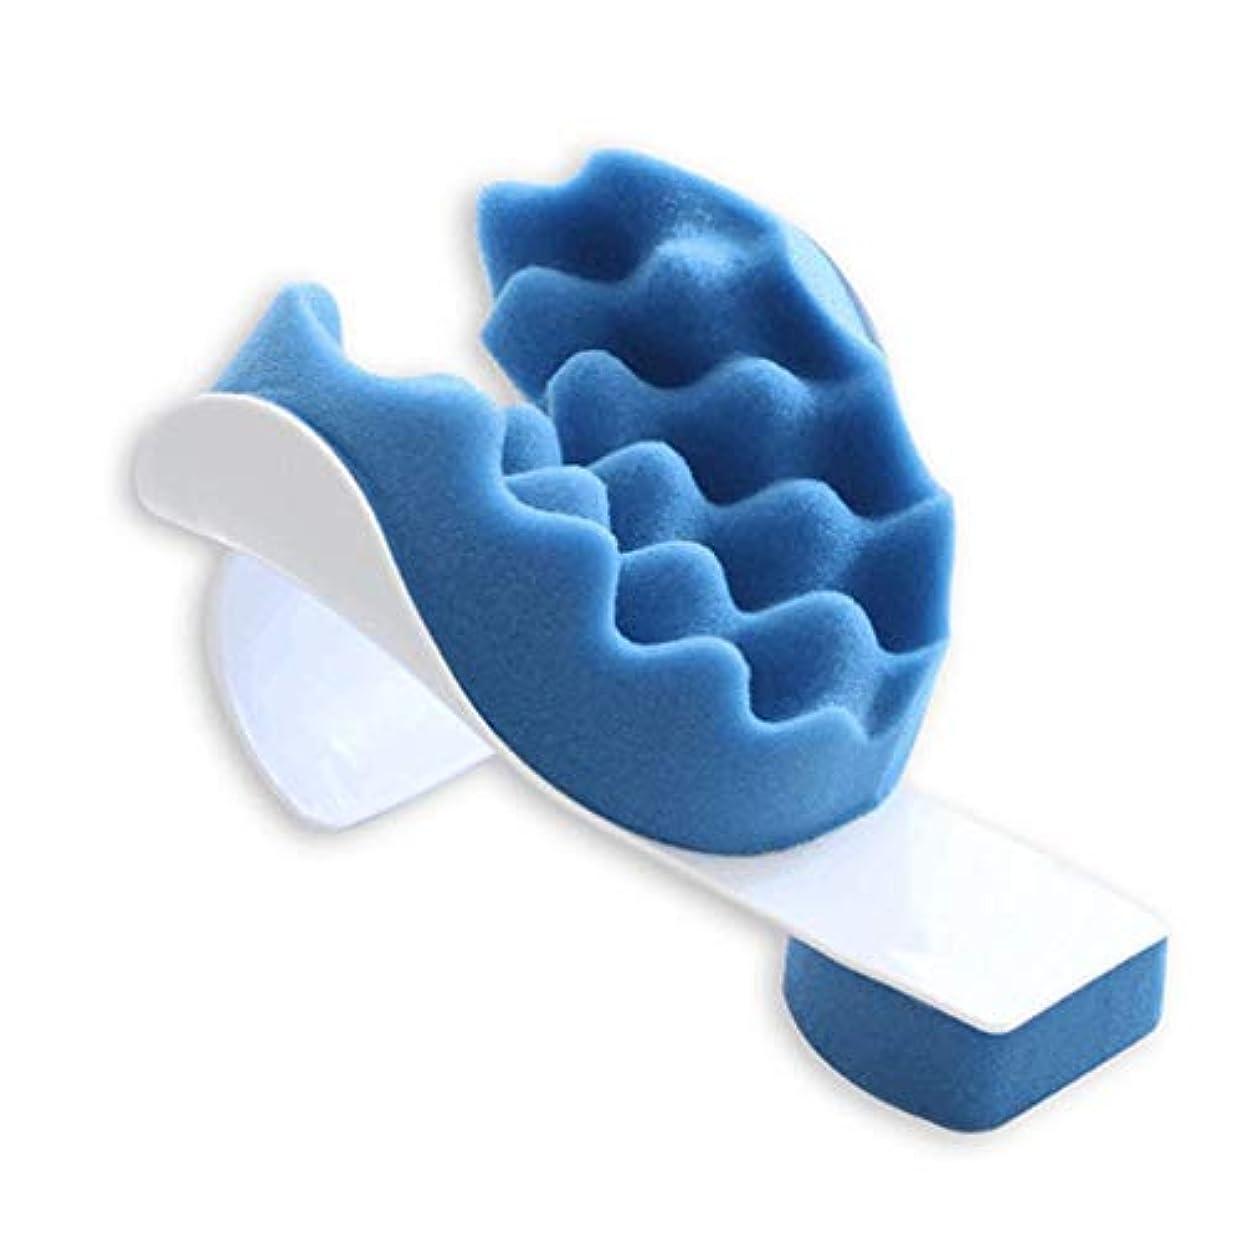 雄弁家方法論文Esolom マッサージ枕 首と肩のリラクゼーション 首の痛みの緩和 サポート肩リラクゼーションマッサージ牽引枕 ポータブル 頭と首のマッサージ枕